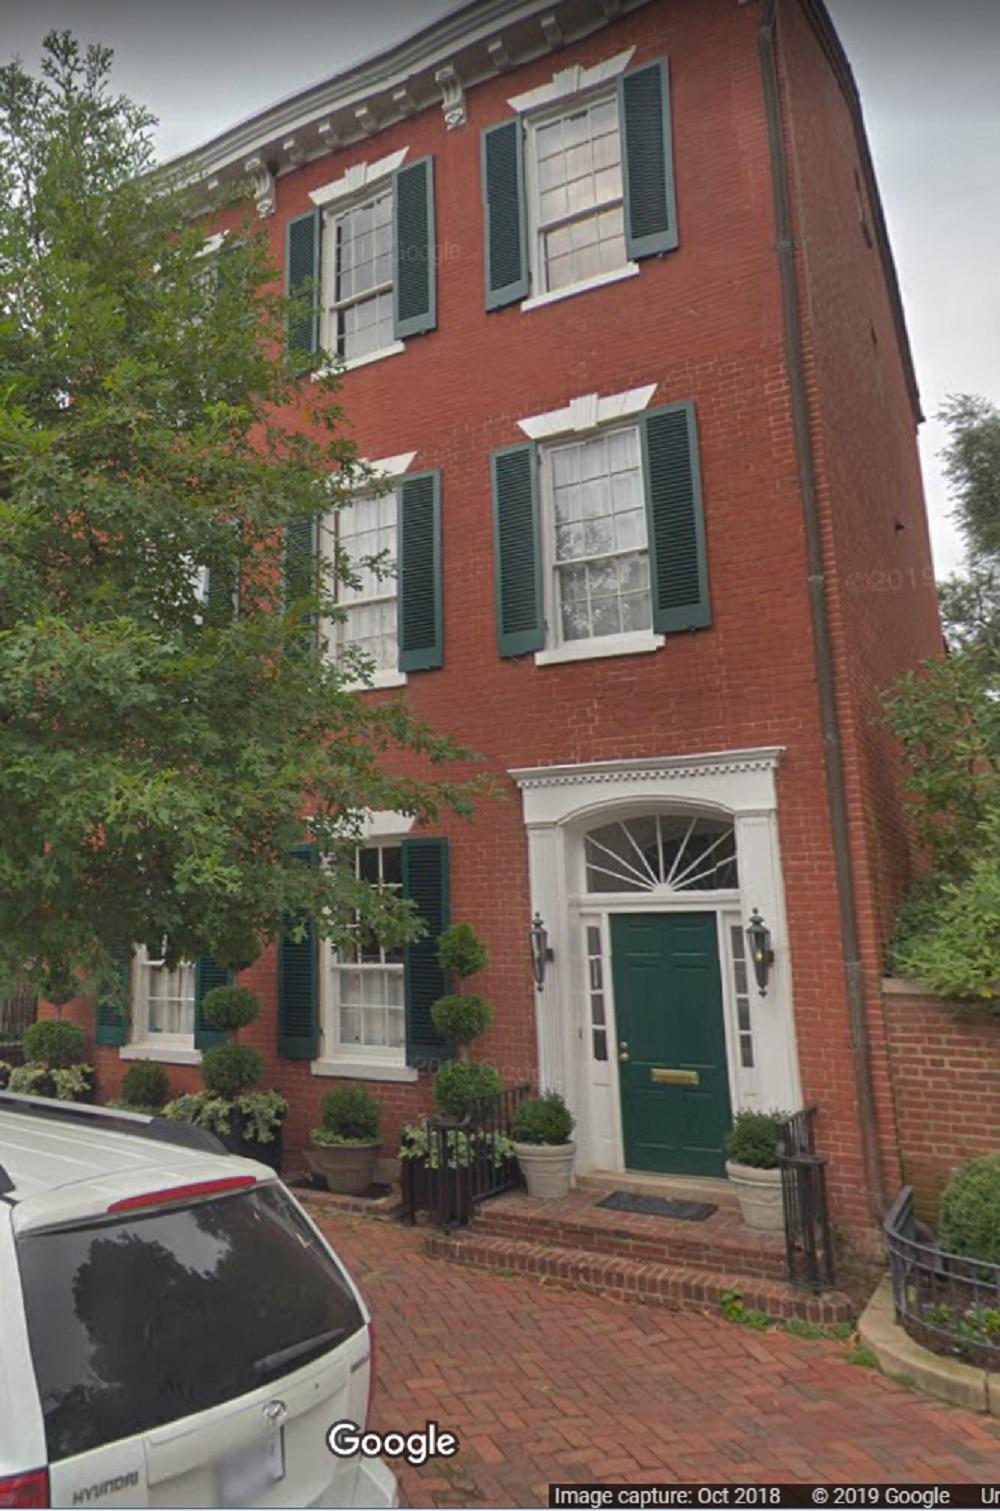 JFK house on N Street in Georgetown, D.C.